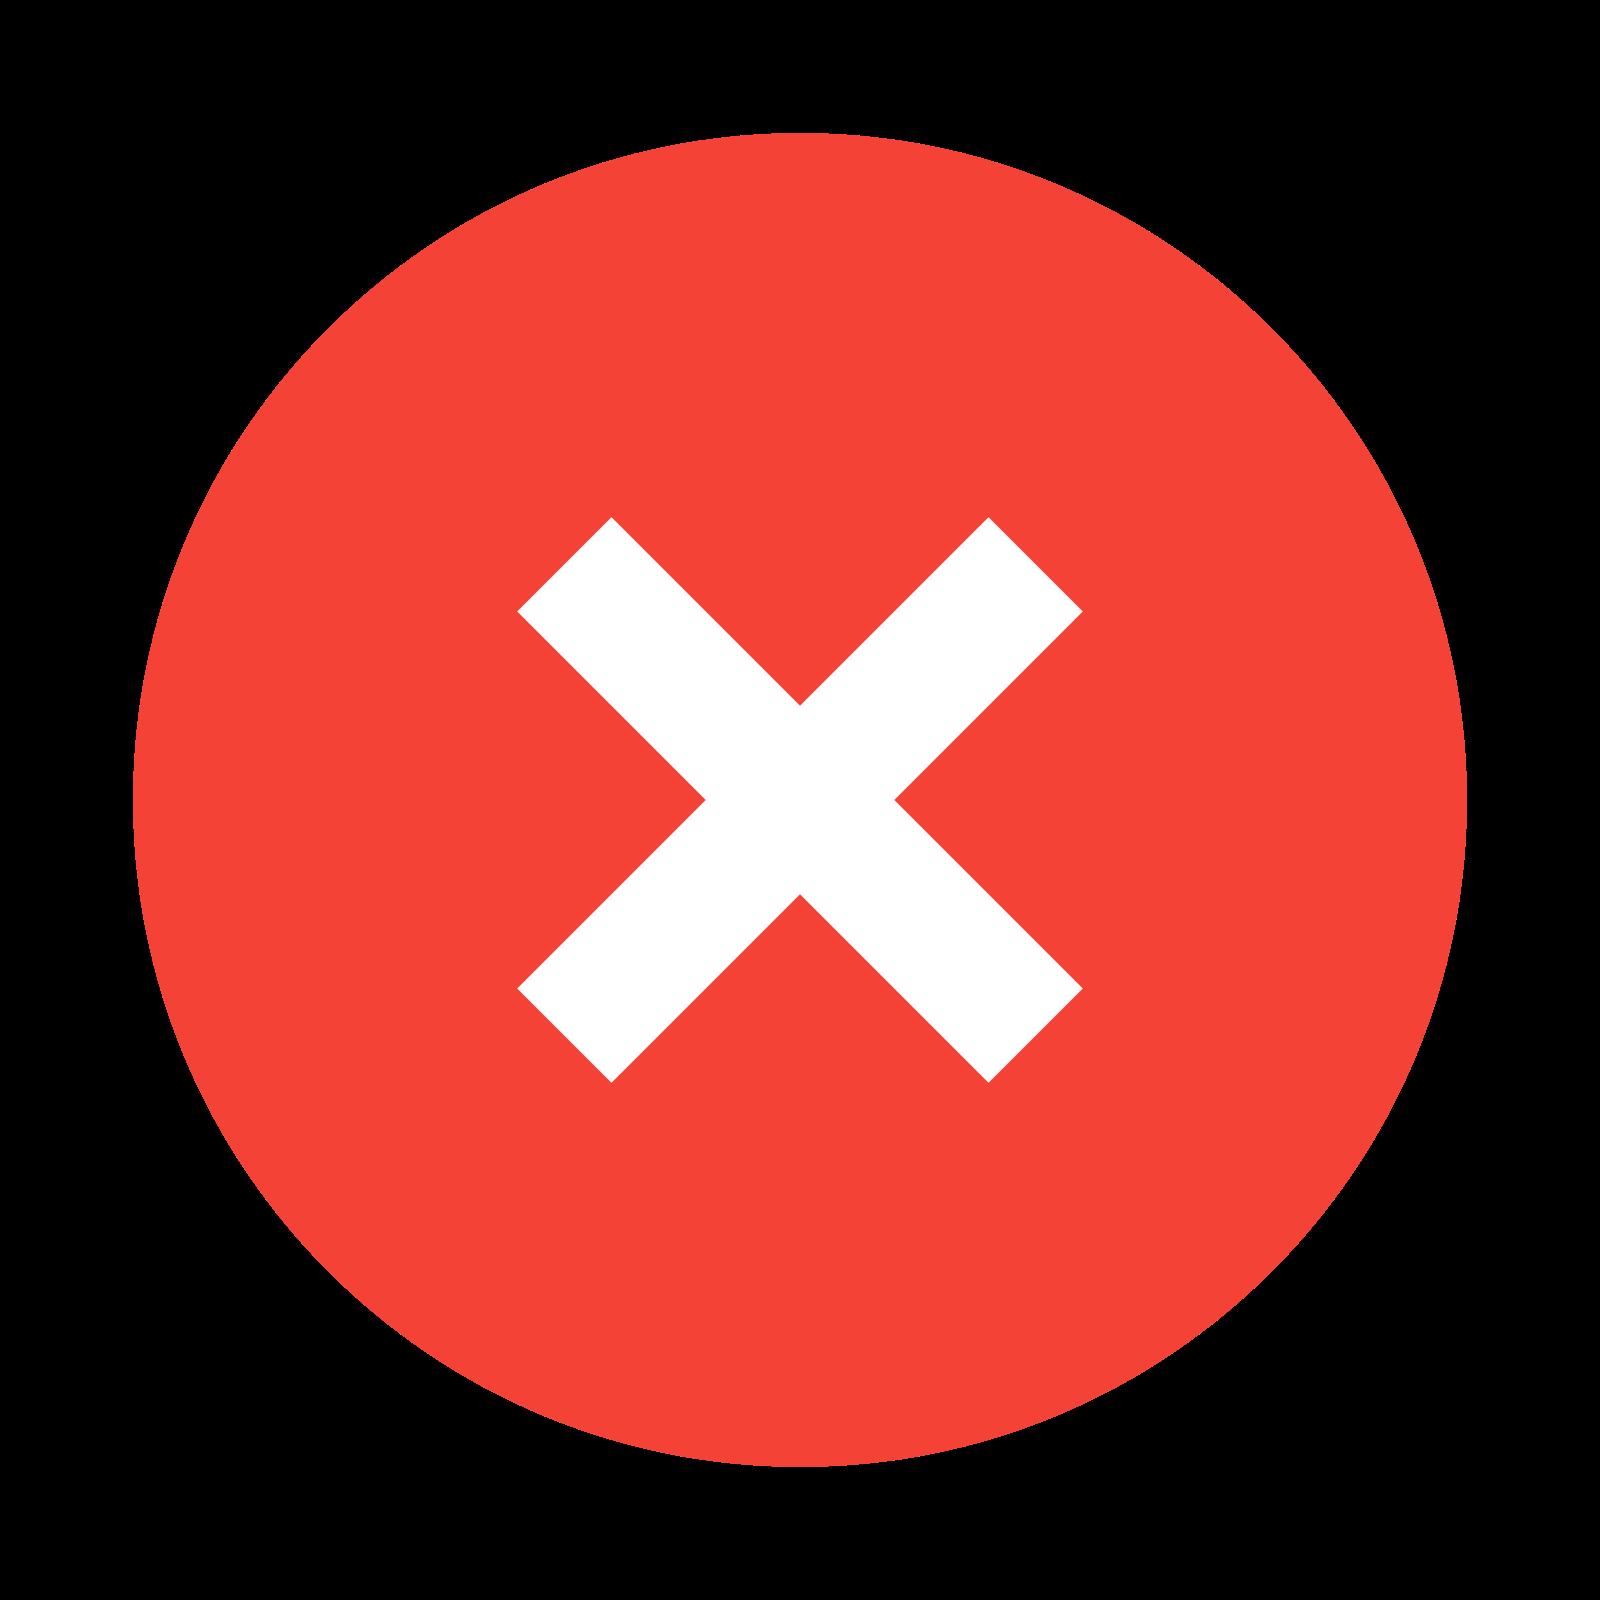 取消 icon. The icon is a common symbol for expressing denial of permission. It consists of a circle with a large X in the center of it, symbolizing the cancellation of an already-running action.